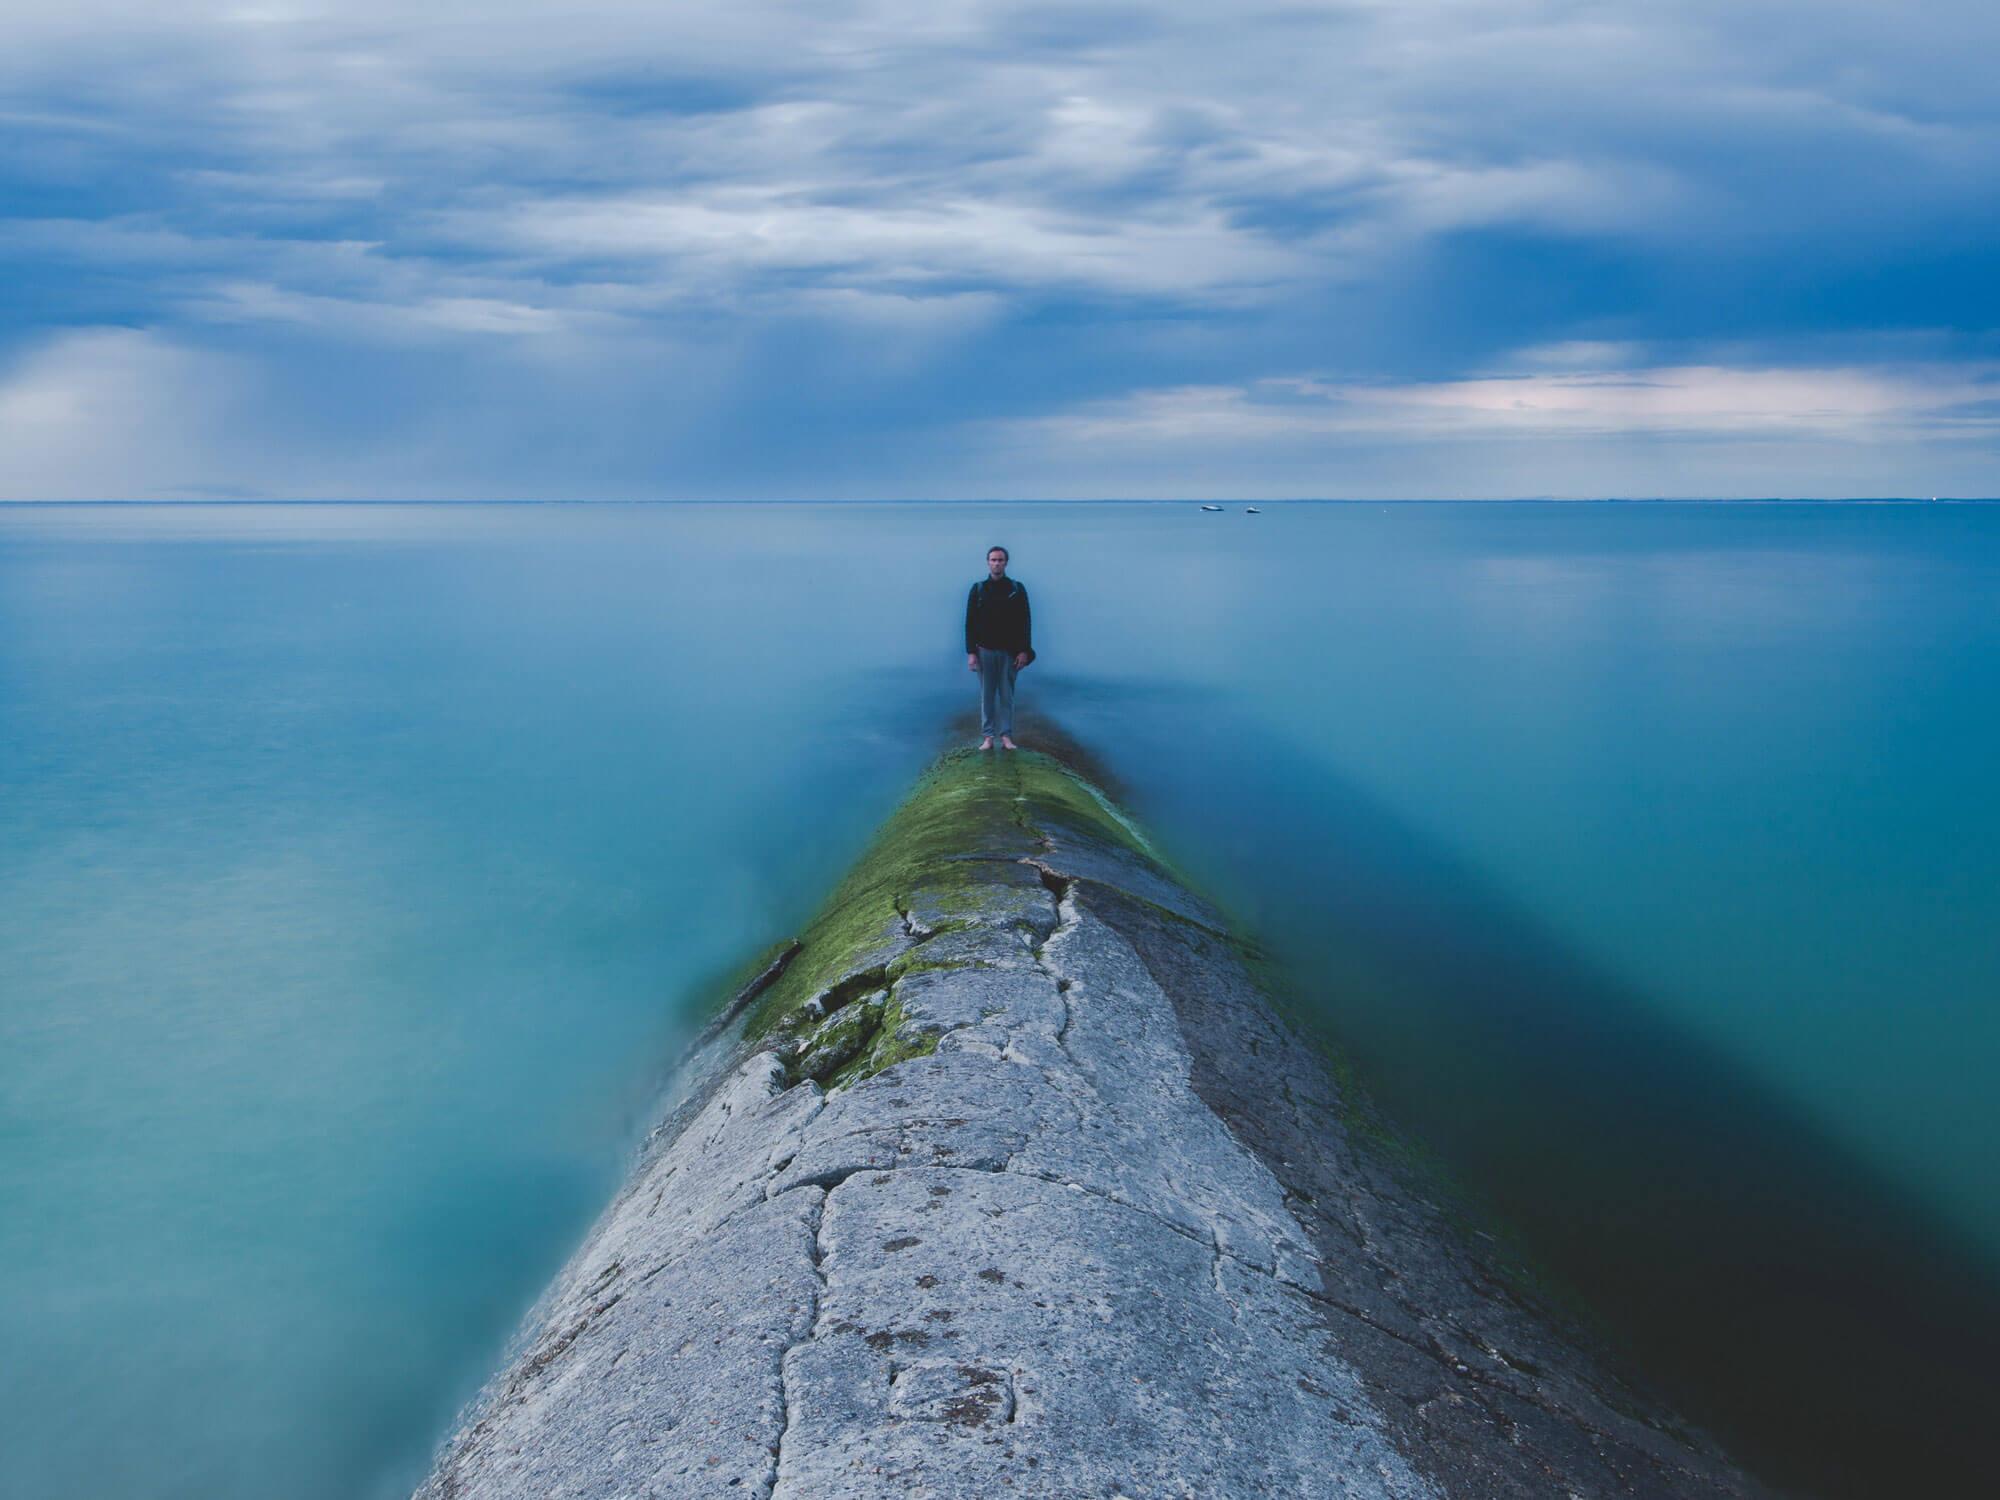 روانشناسی تاثیر آب - نازل و پمپ آب نما | فروشگاه اینترنتی آریا شاپ - مرجع خرید آبنما